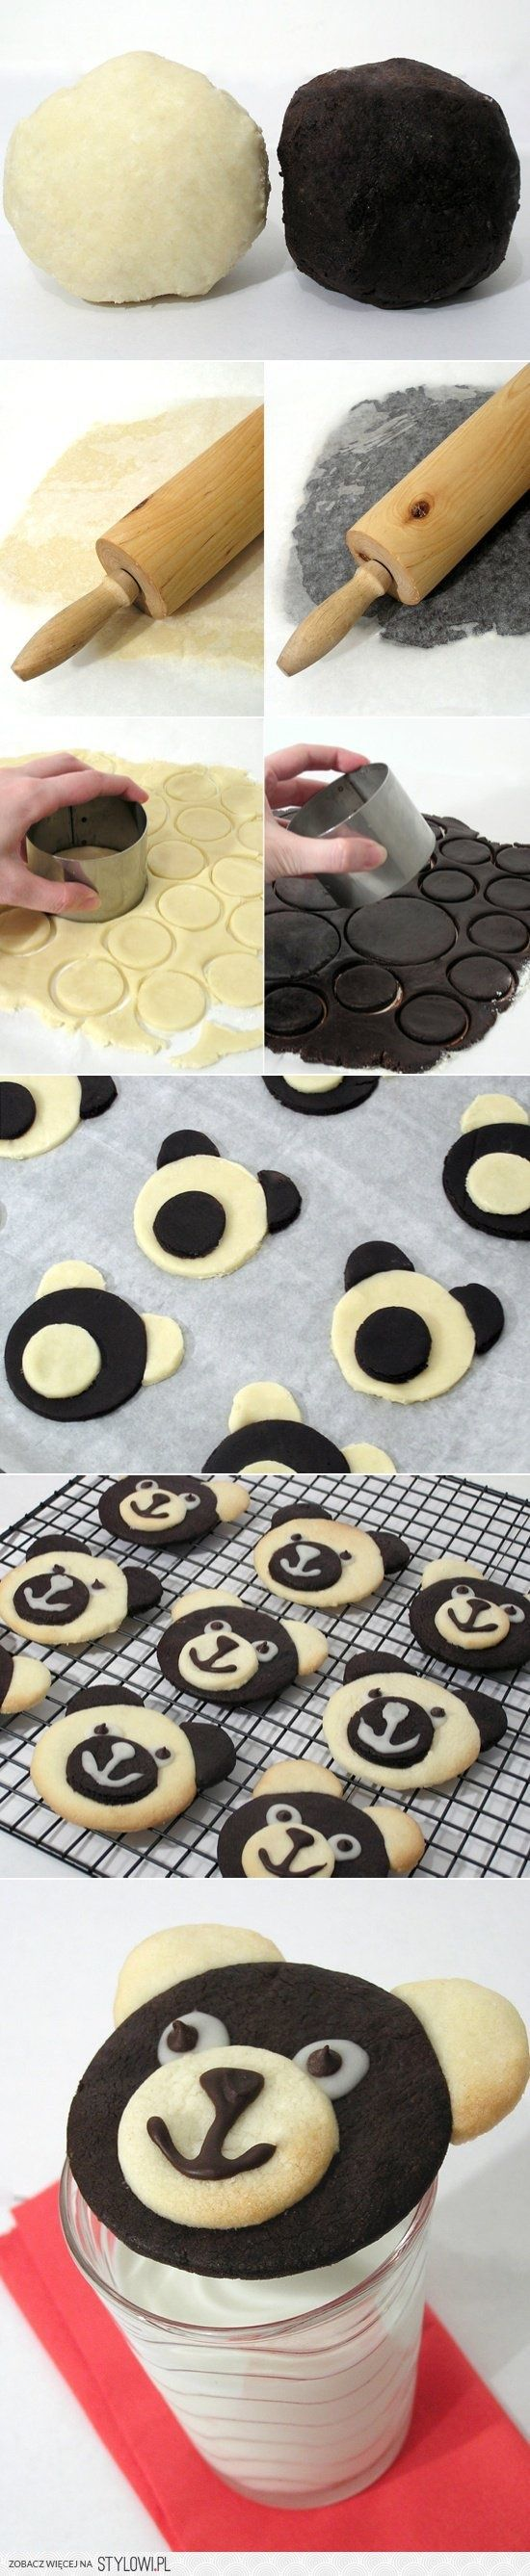 Teddy bear cookies....stop it  ...tooo cute!